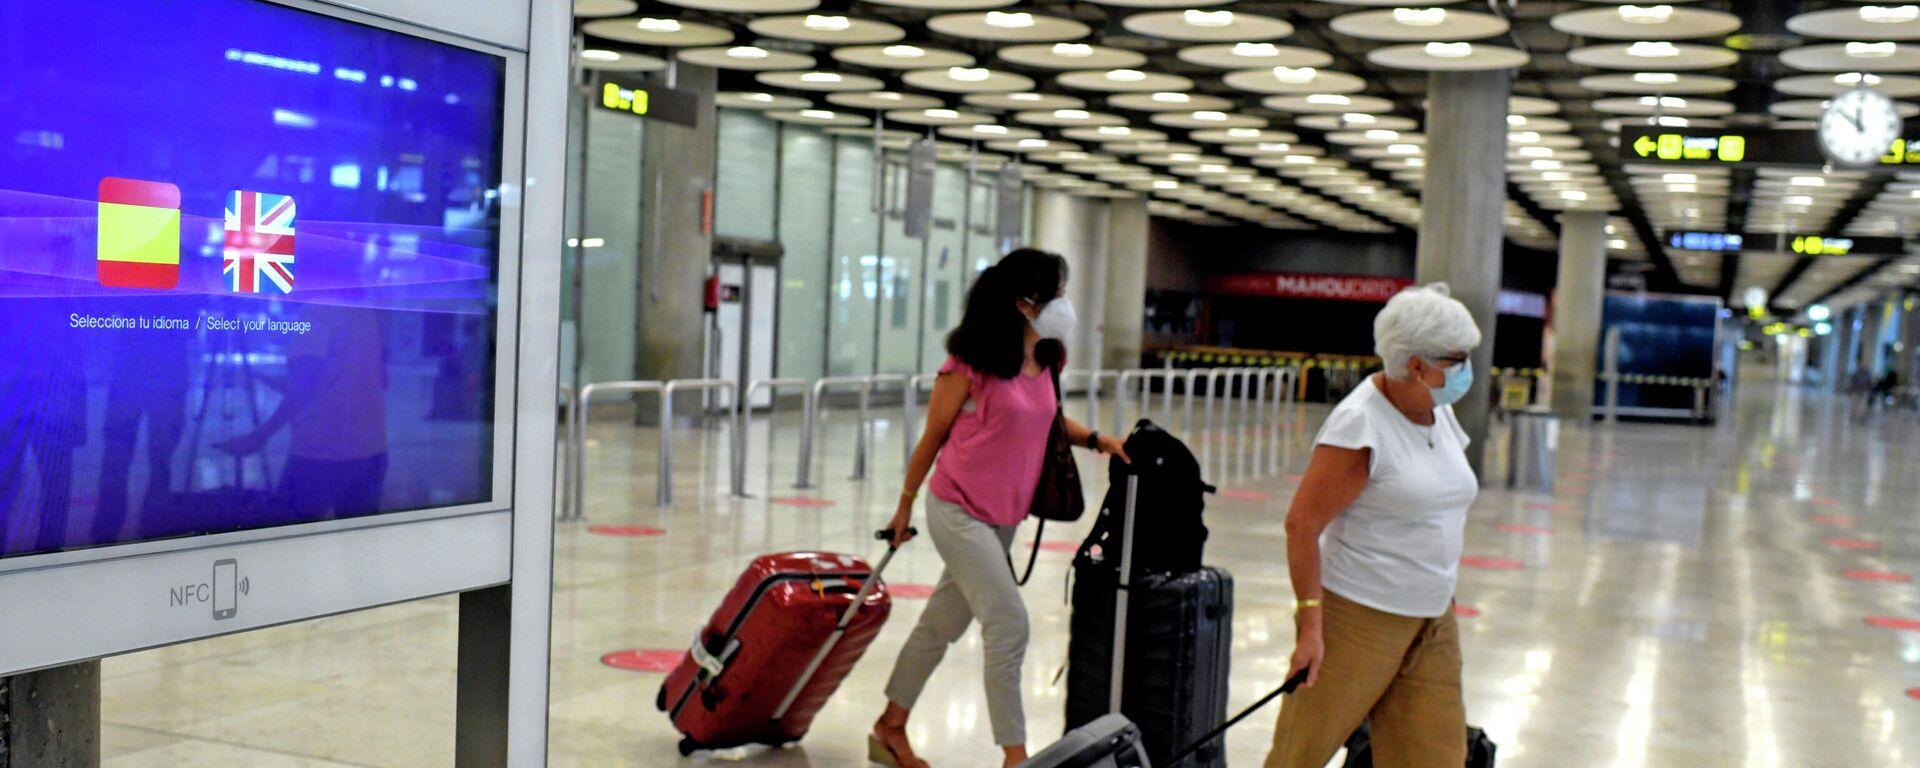 Dos pasajeras con maletas en la terminal T1 del Aeropuerto de Madrid-Barajas Adolfo Suárez, en Madrid (España), a 27 de julio de 2020. Desde ayer está en vigor la orden del Gobierno del Reino Unido que impone a los viajeros procedentes de España pasar dos semanas en cuarentena por si están infectados con coronavirus. - Sputnik Mundo, 1920, 26.07.2021